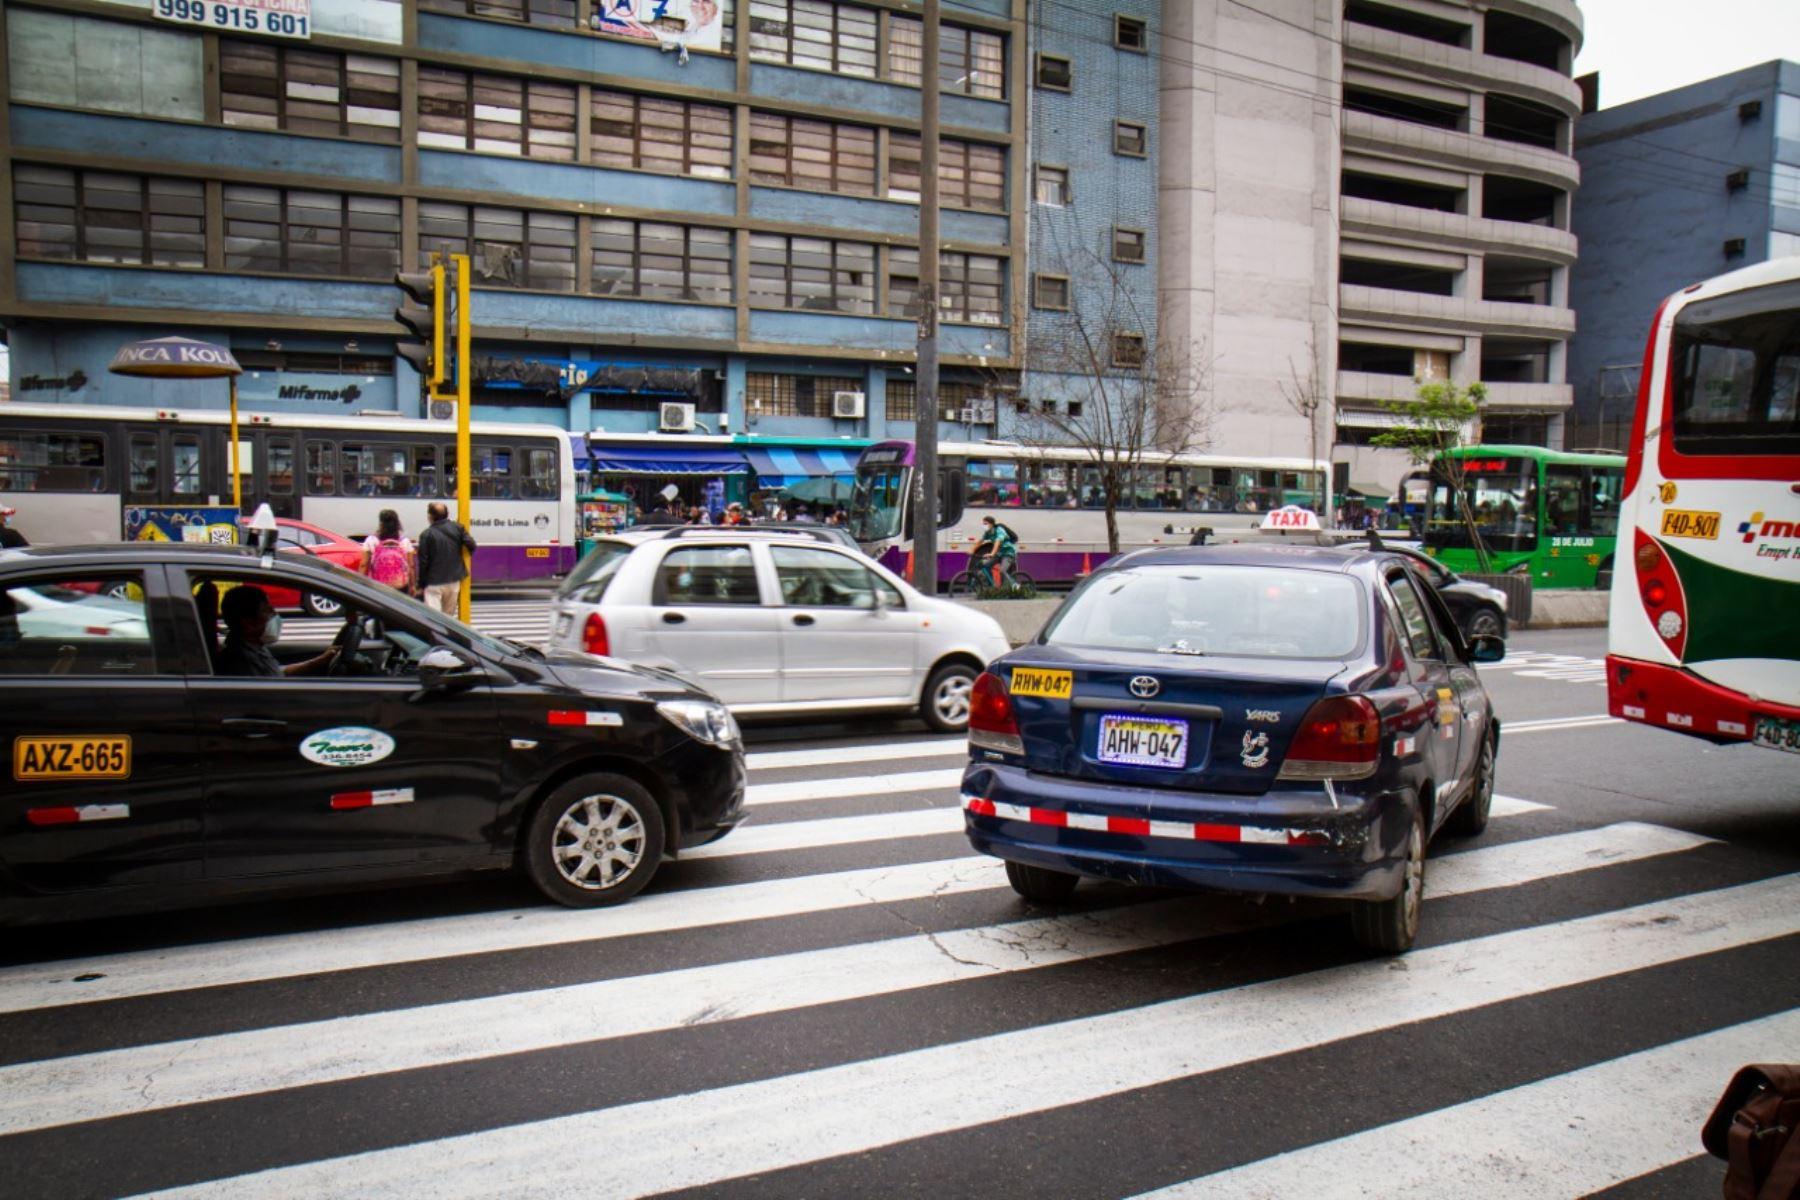 atencion-conductores-quienes-realicen-maniobras-peligrosas-seran-sancionados-con-s352